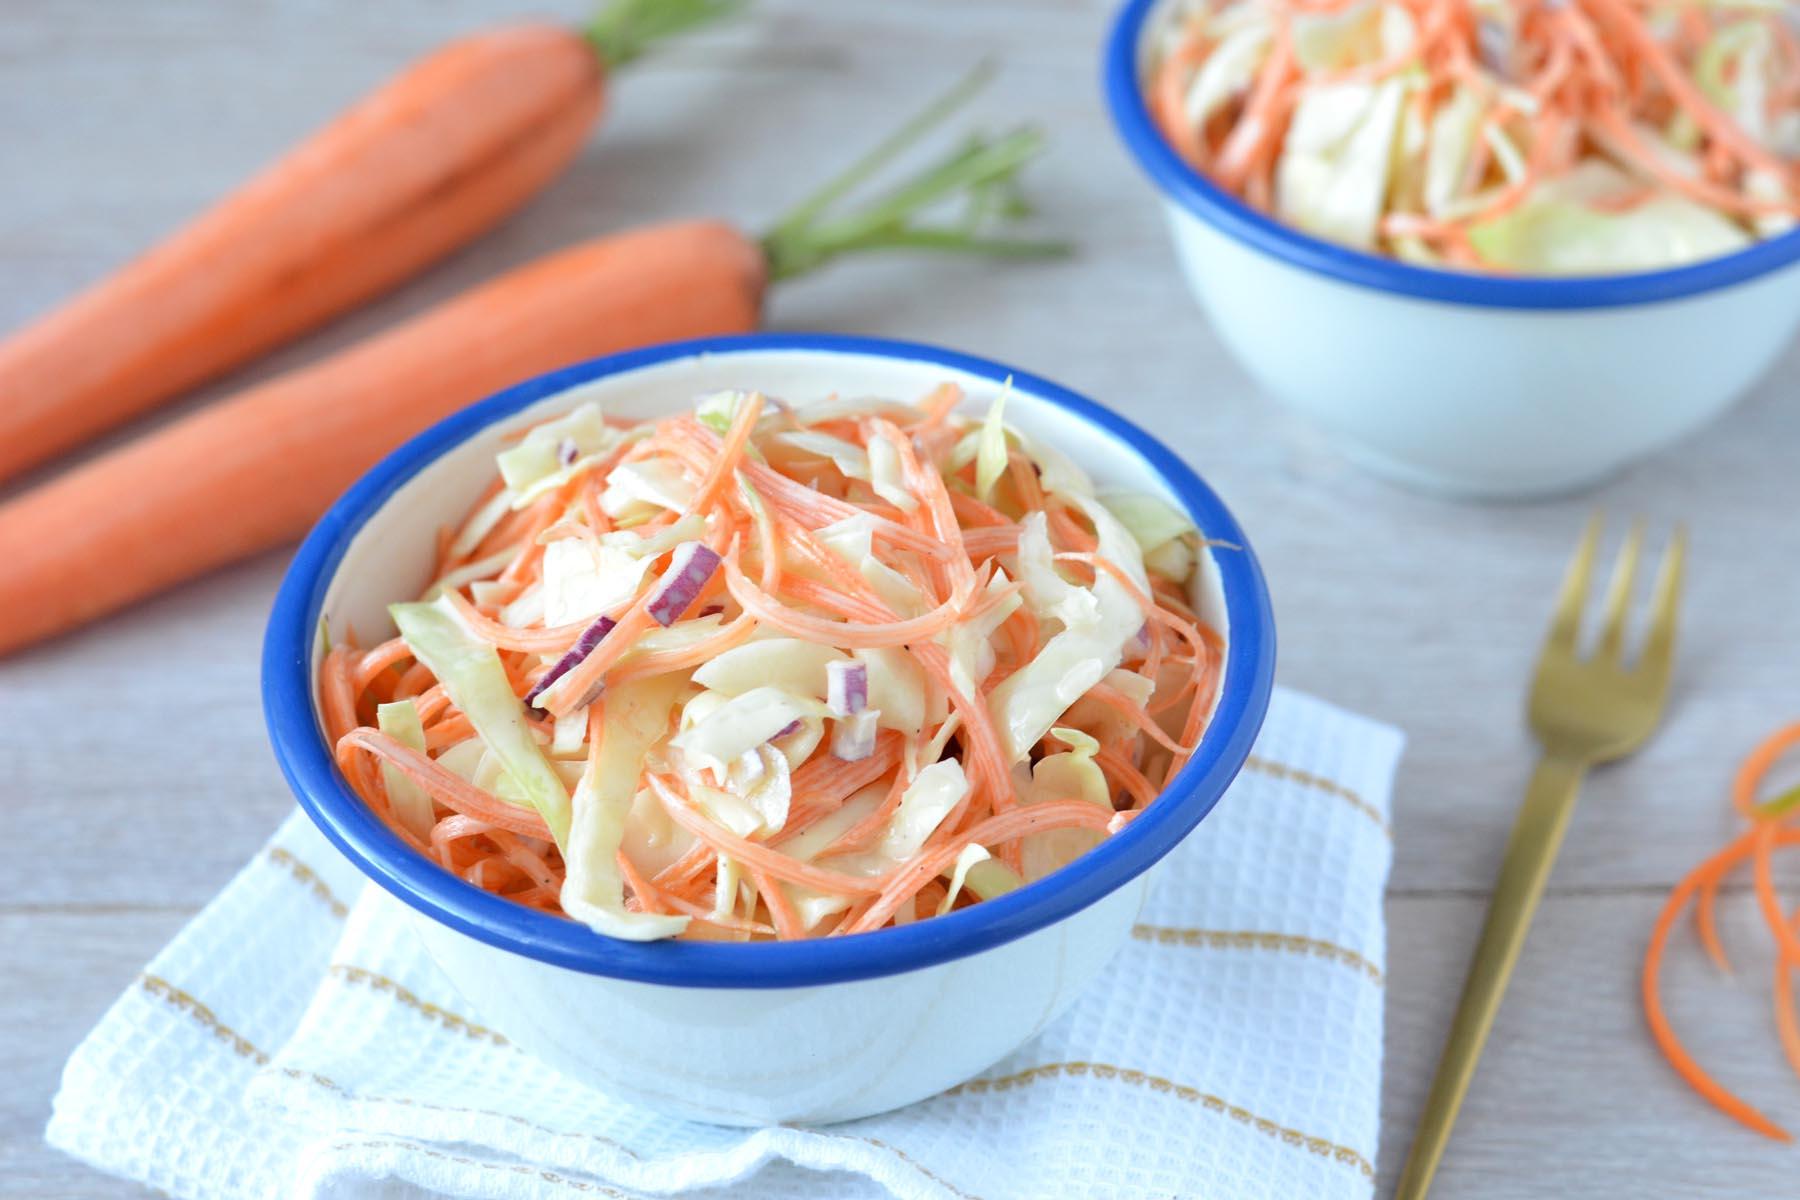 Zelf gezonde coleslaw maken